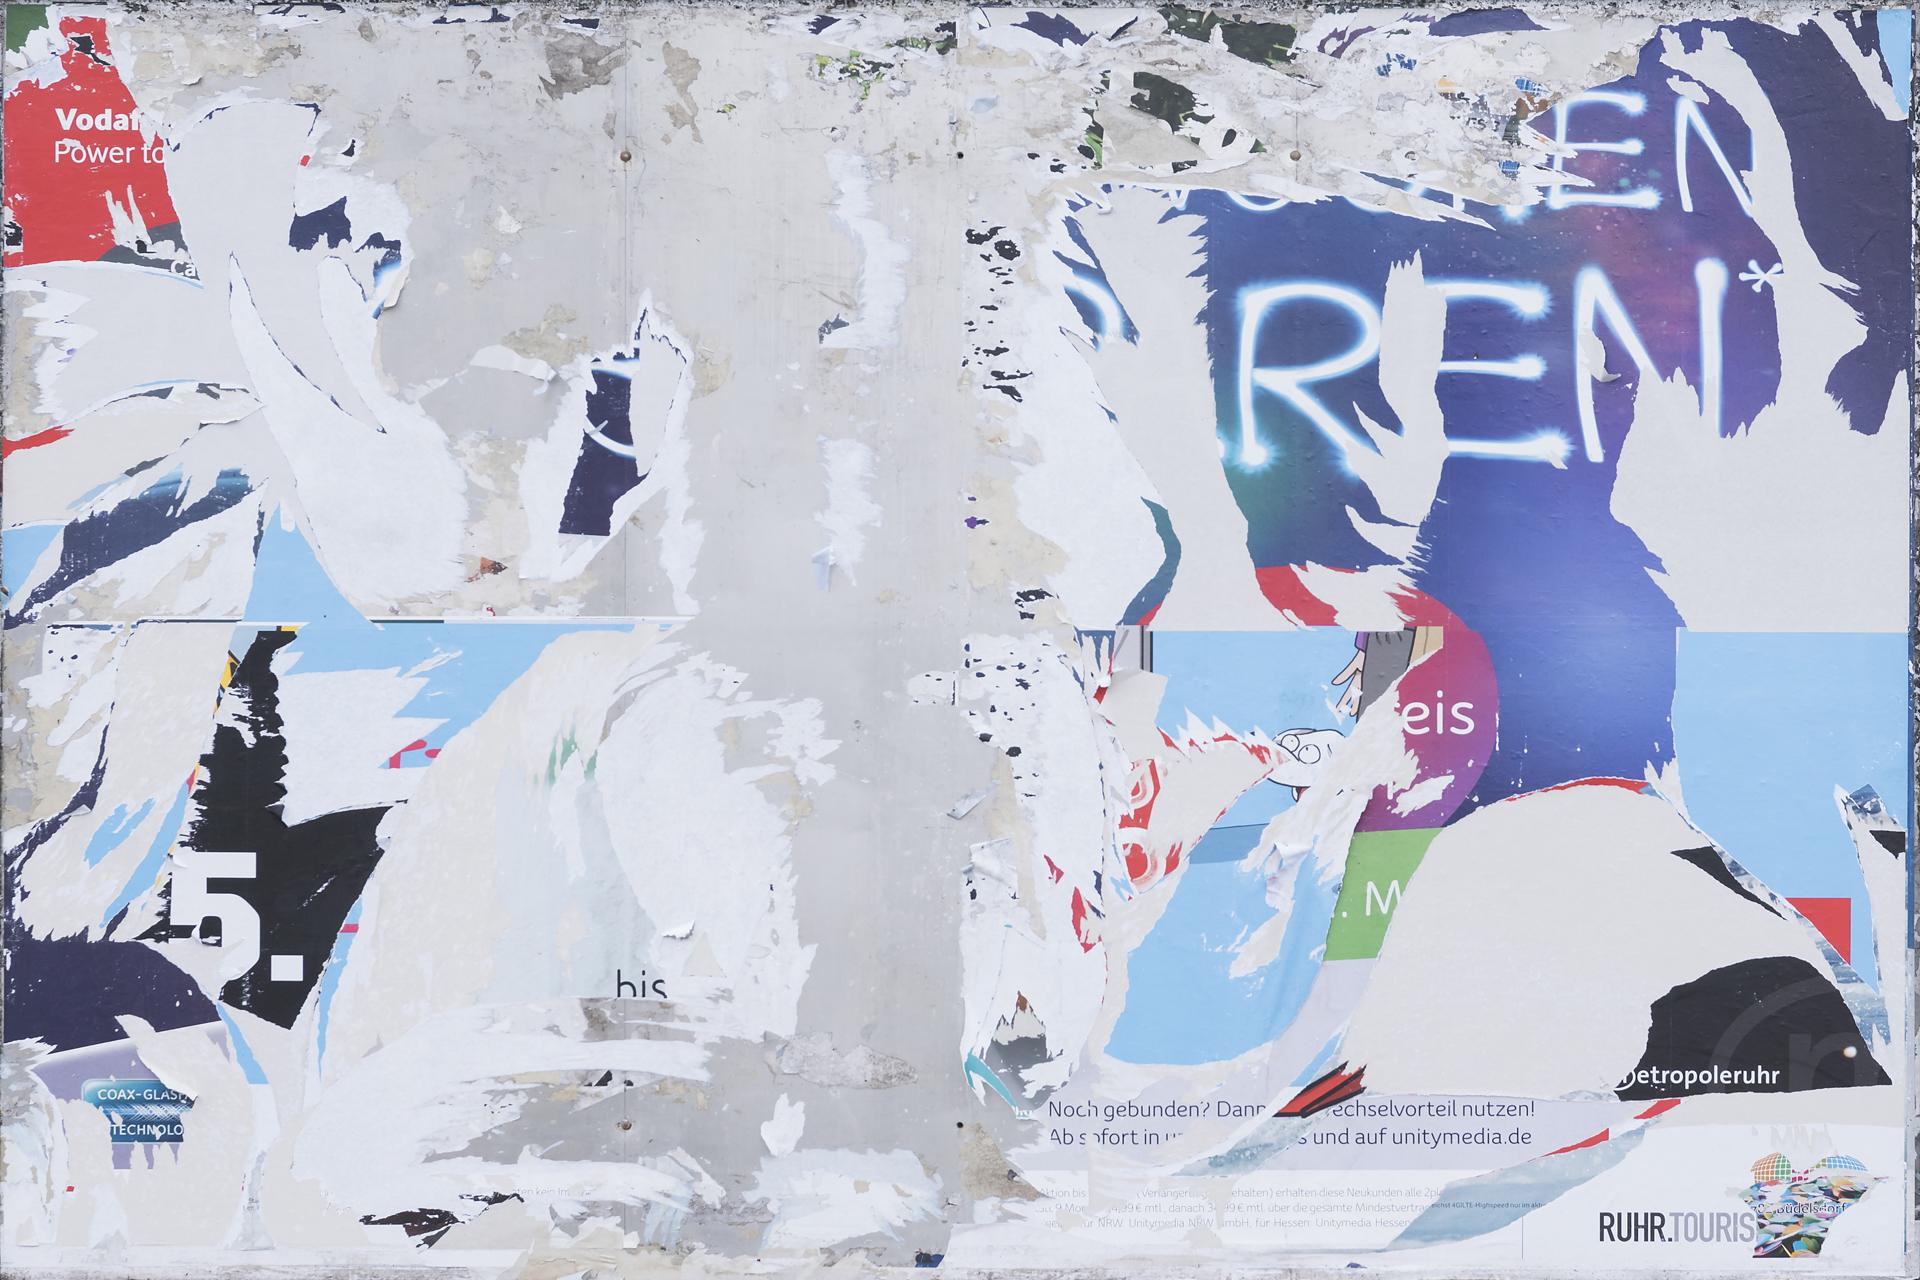 rückständig VII • Lambda-Print auf FUJIFILM Crystal Archive DPII, 60 x 40 cm, rahmenloser Bilderhalter • Auflage: 5 + 2 Artist's Proof